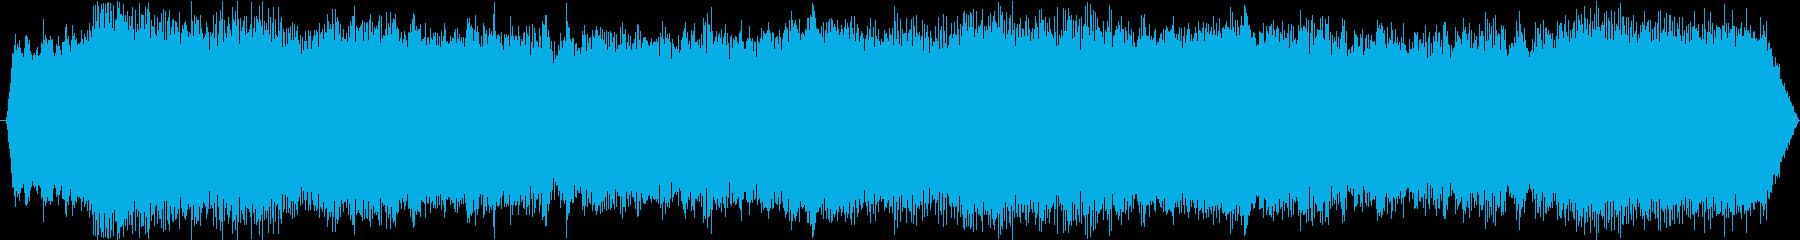 PADS チルエア03の再生済みの波形